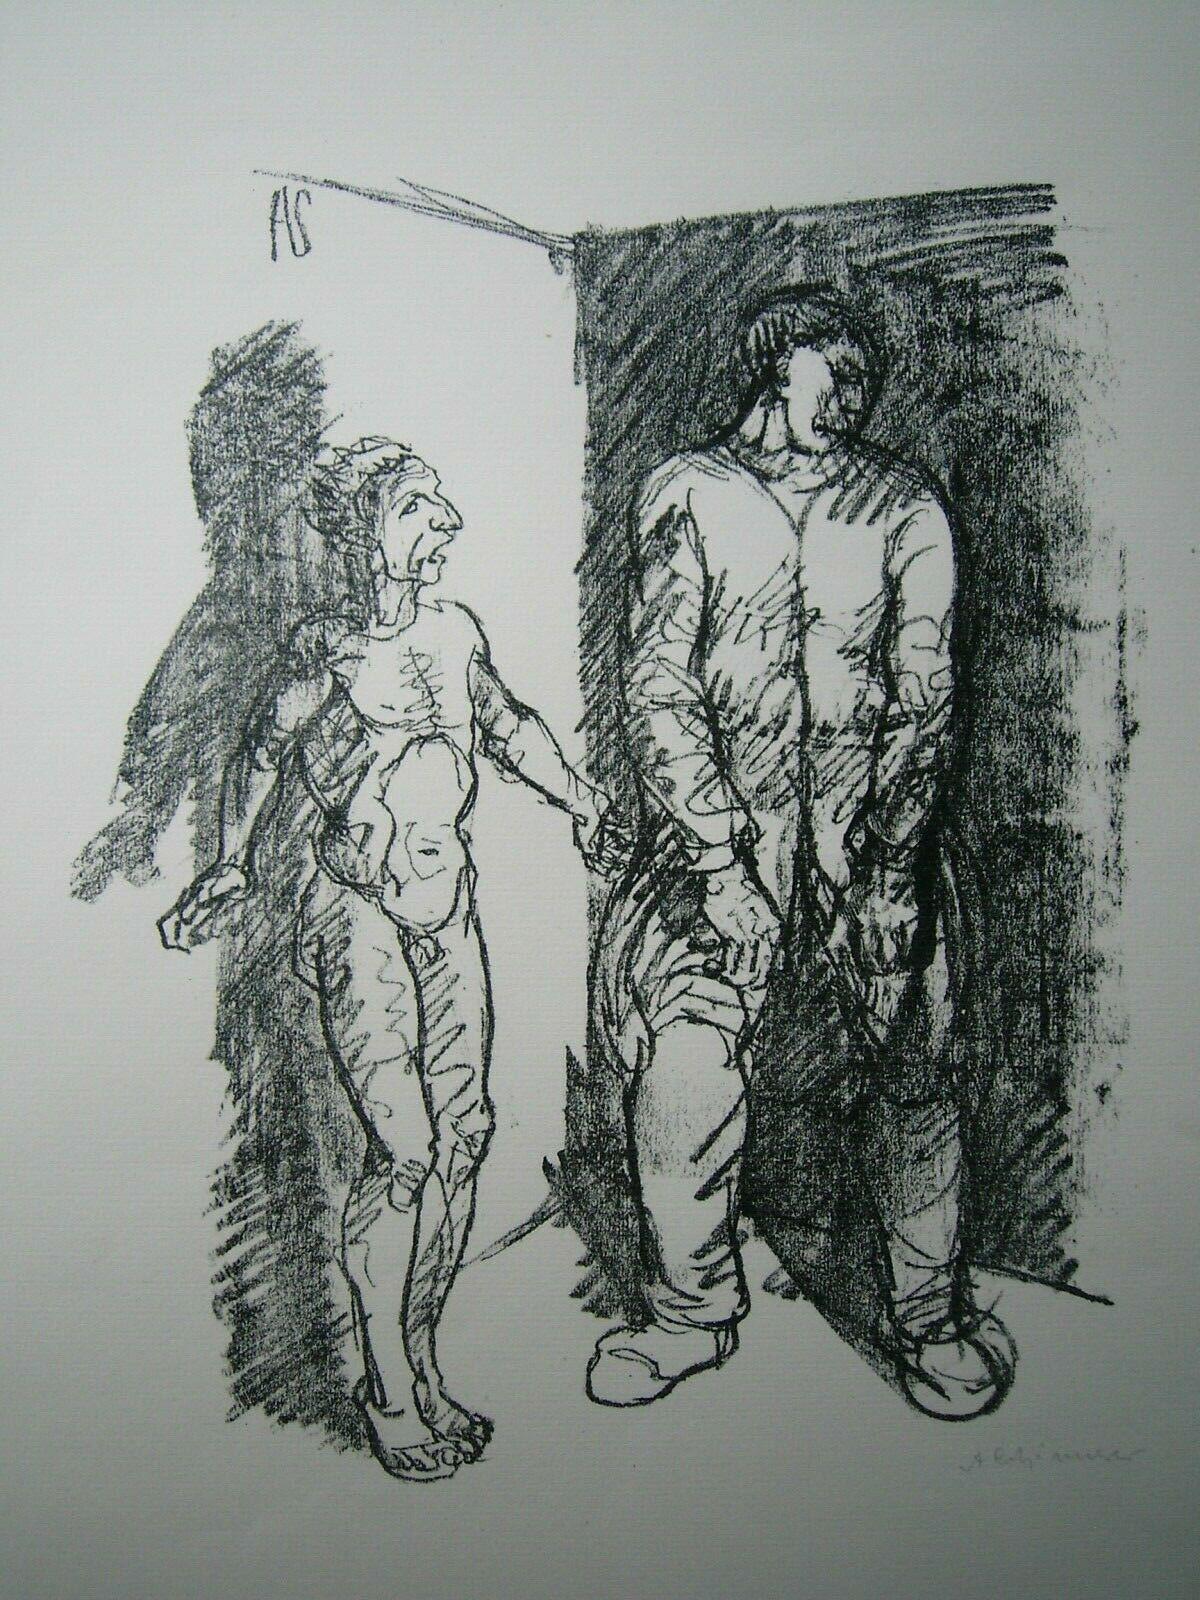 Gefangener (prisoner) by Adolf Schinnerer